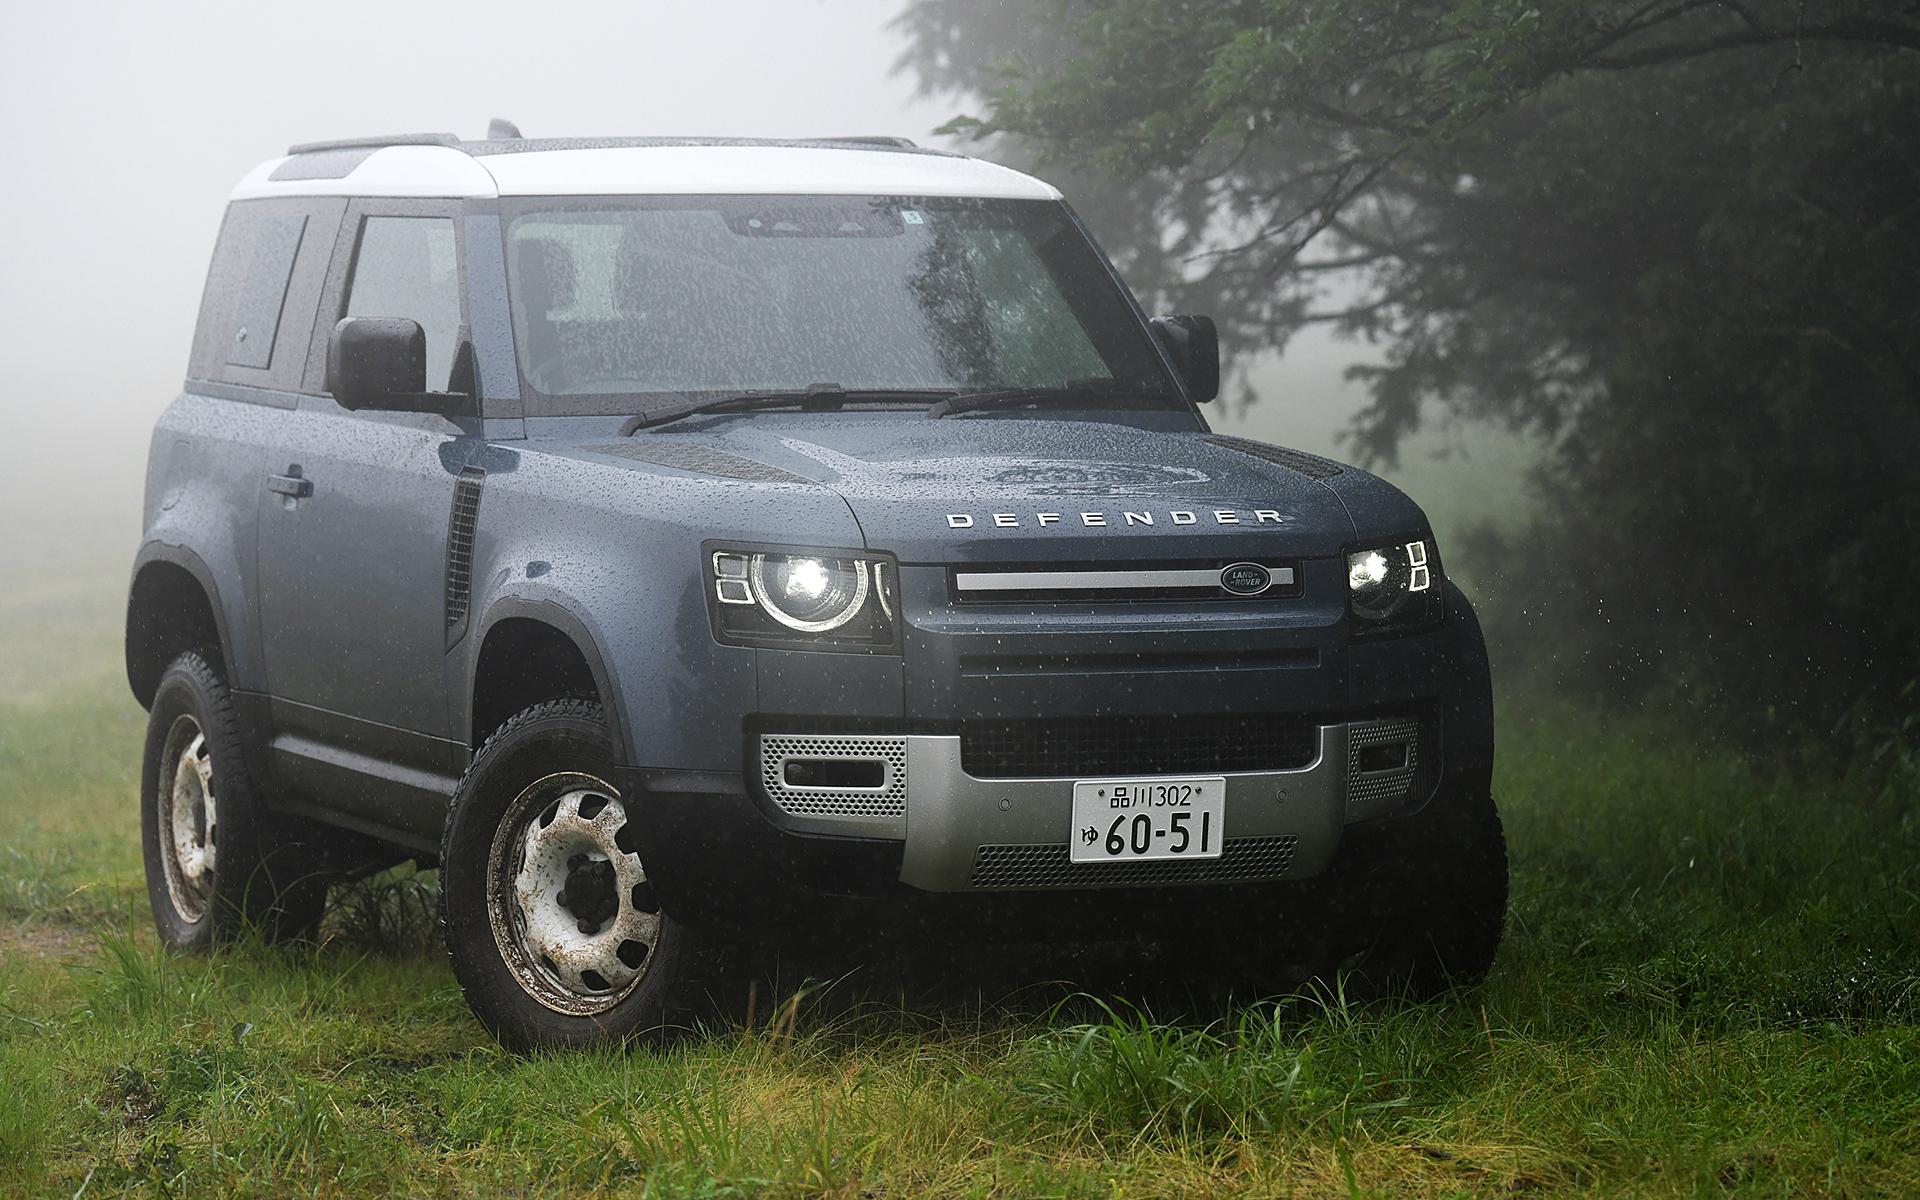 ランドローバー「ディフェンダー」。試乗車は3ドアショートホイールベースの「ディフェンダー 90 S」(632万円)